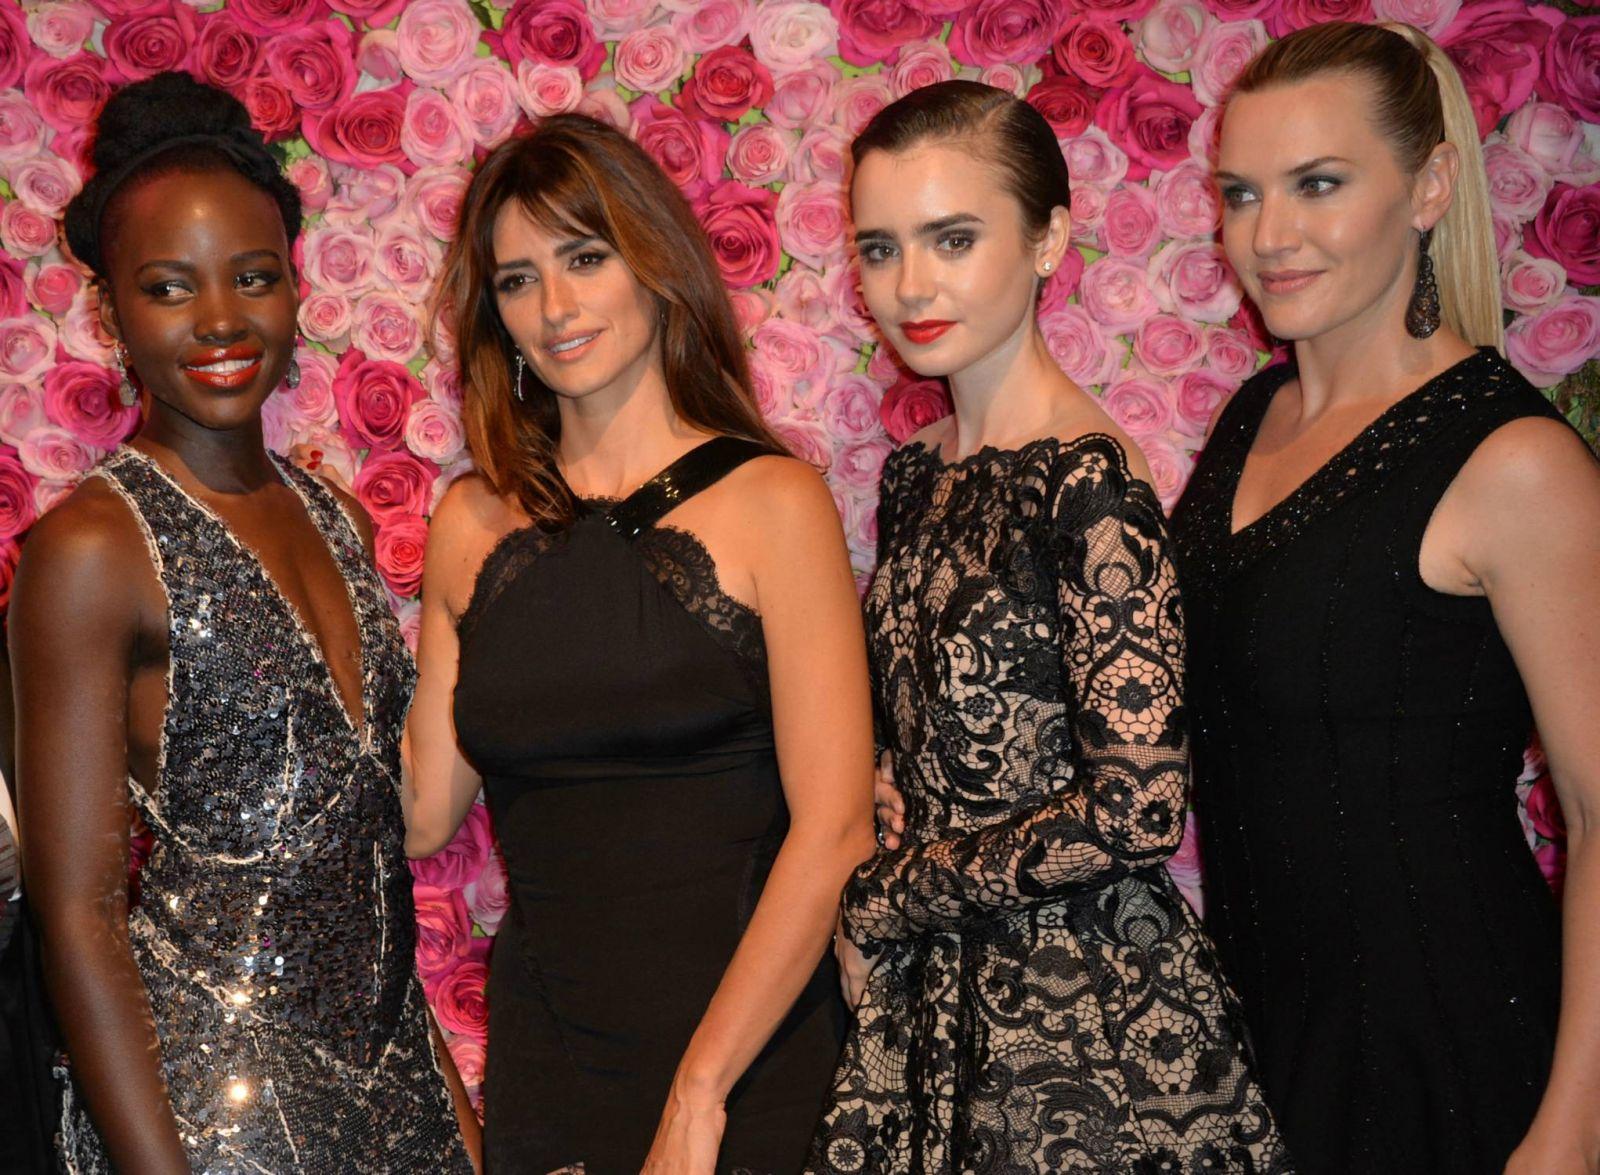 Музы Lancome: Пенелопа Крус, Кейт Уинслет, Джулия Робертс и другие красавицы на вечеринке